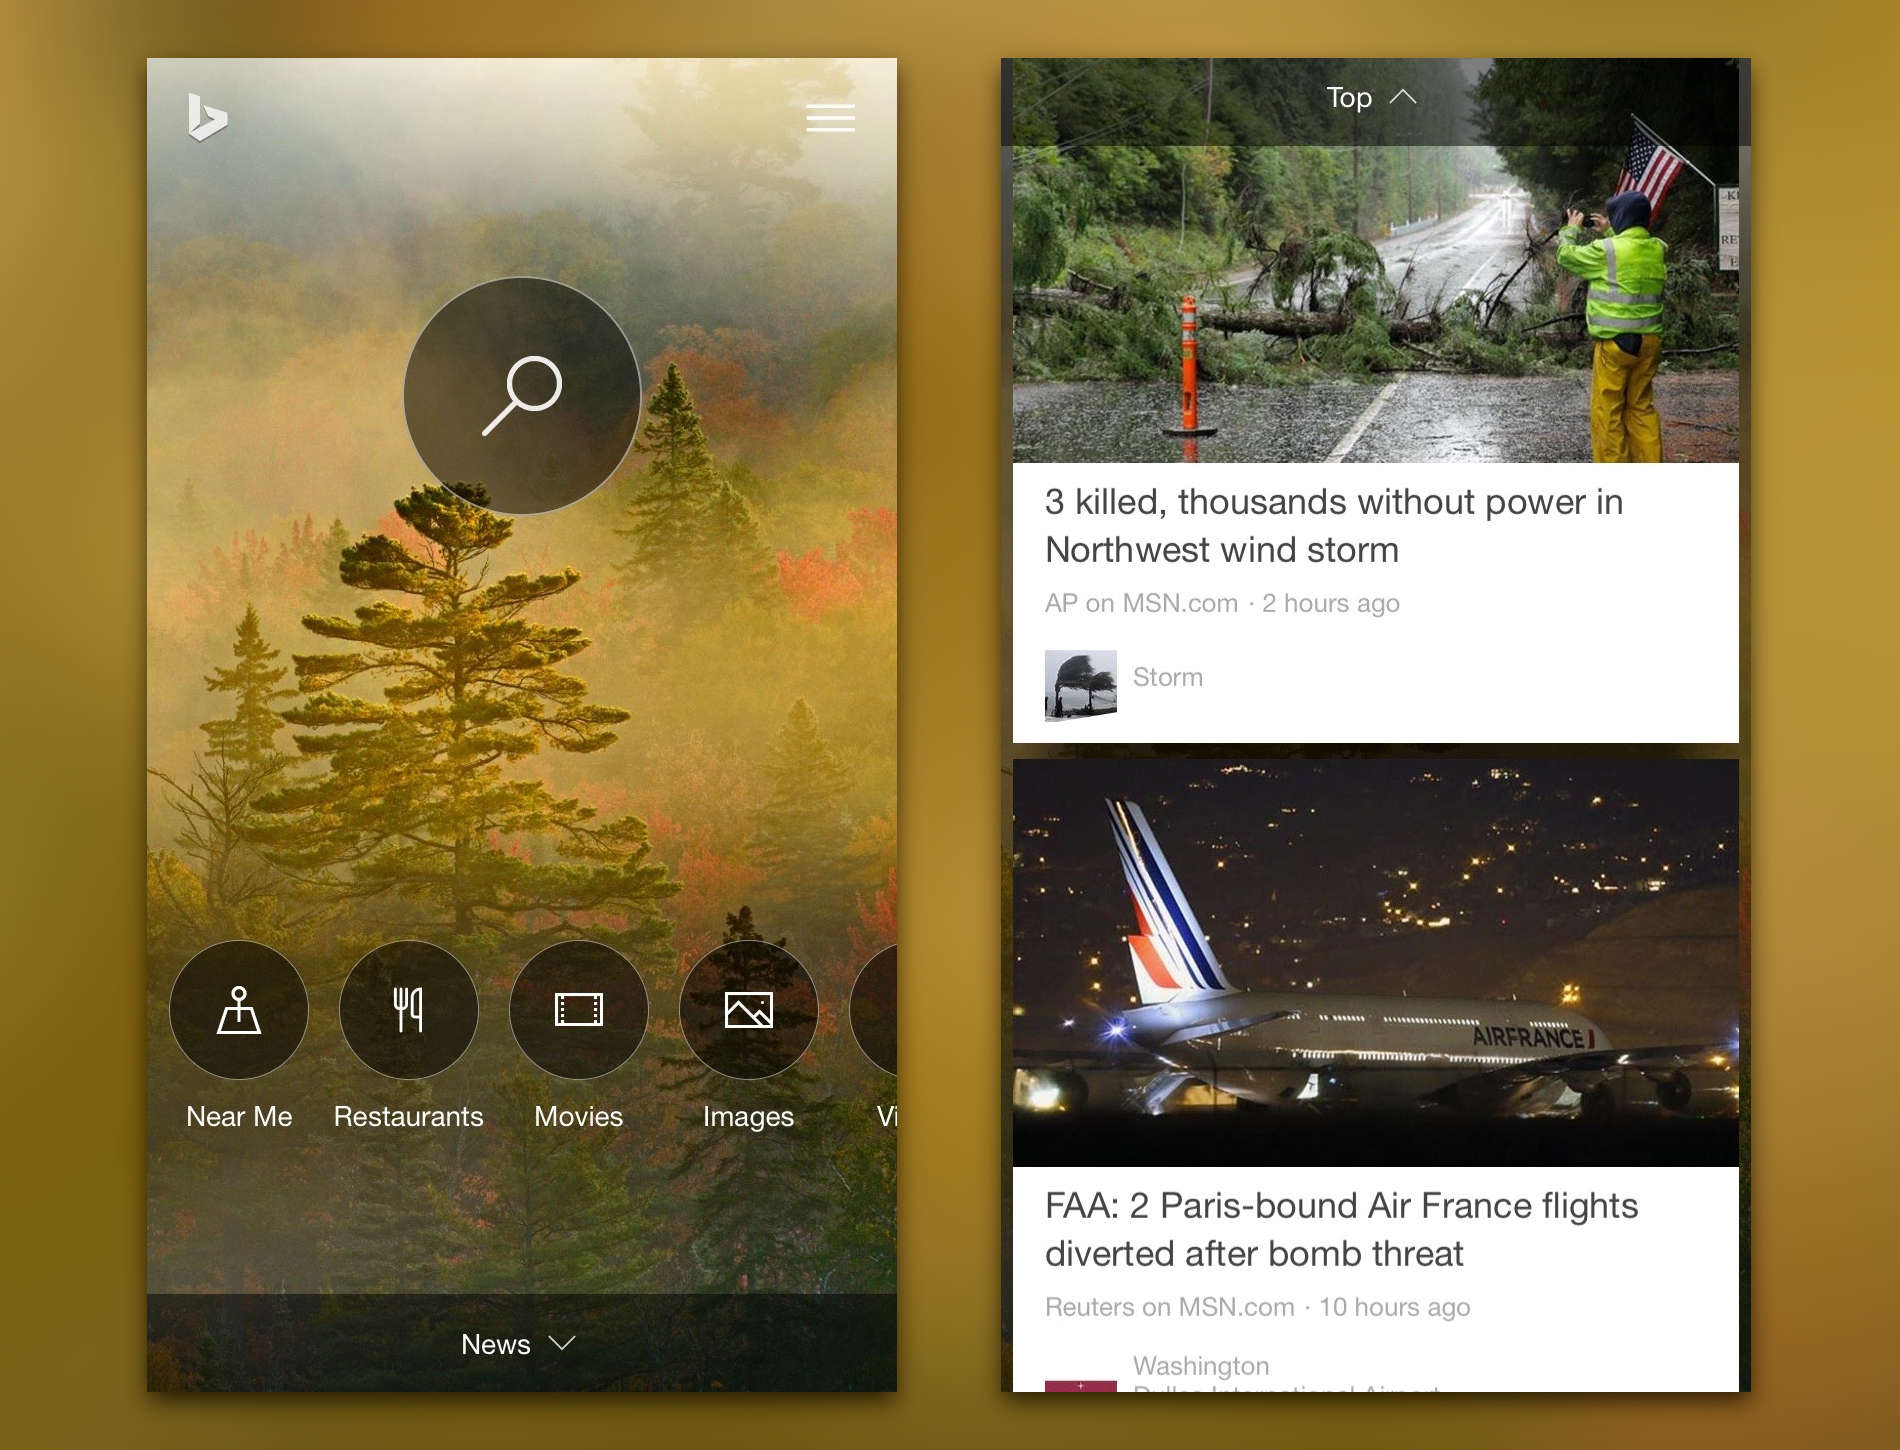 bing-iphone-app-redesign - 2